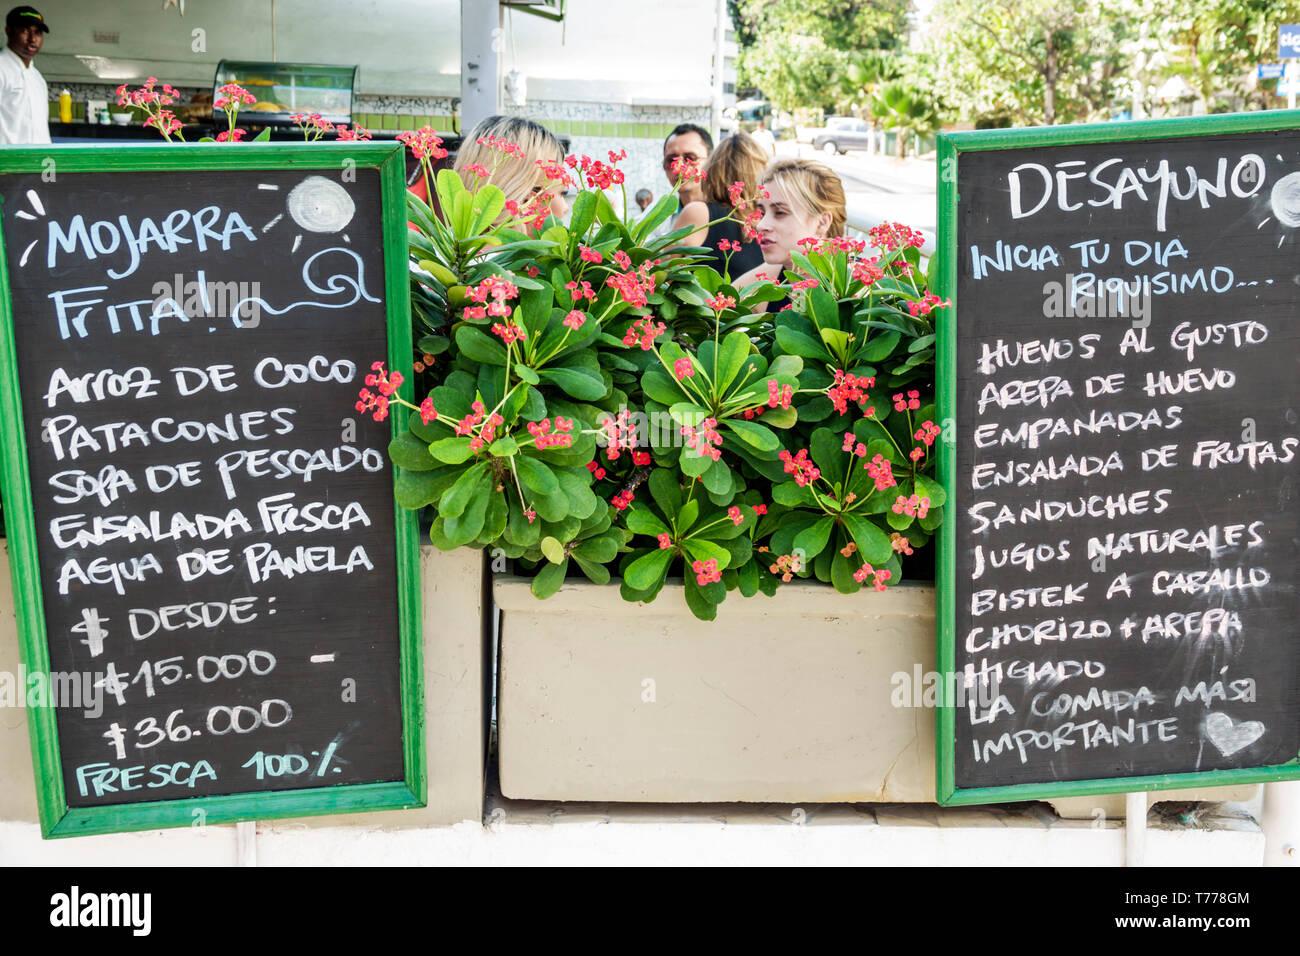 Cartagena Kolumbien El Laguito restaurant Nachbarschaft Familienunternehmen schwarzes Brett Menü Sprache typisches Essen mojarra fried Snapper patacones pl Stockbild